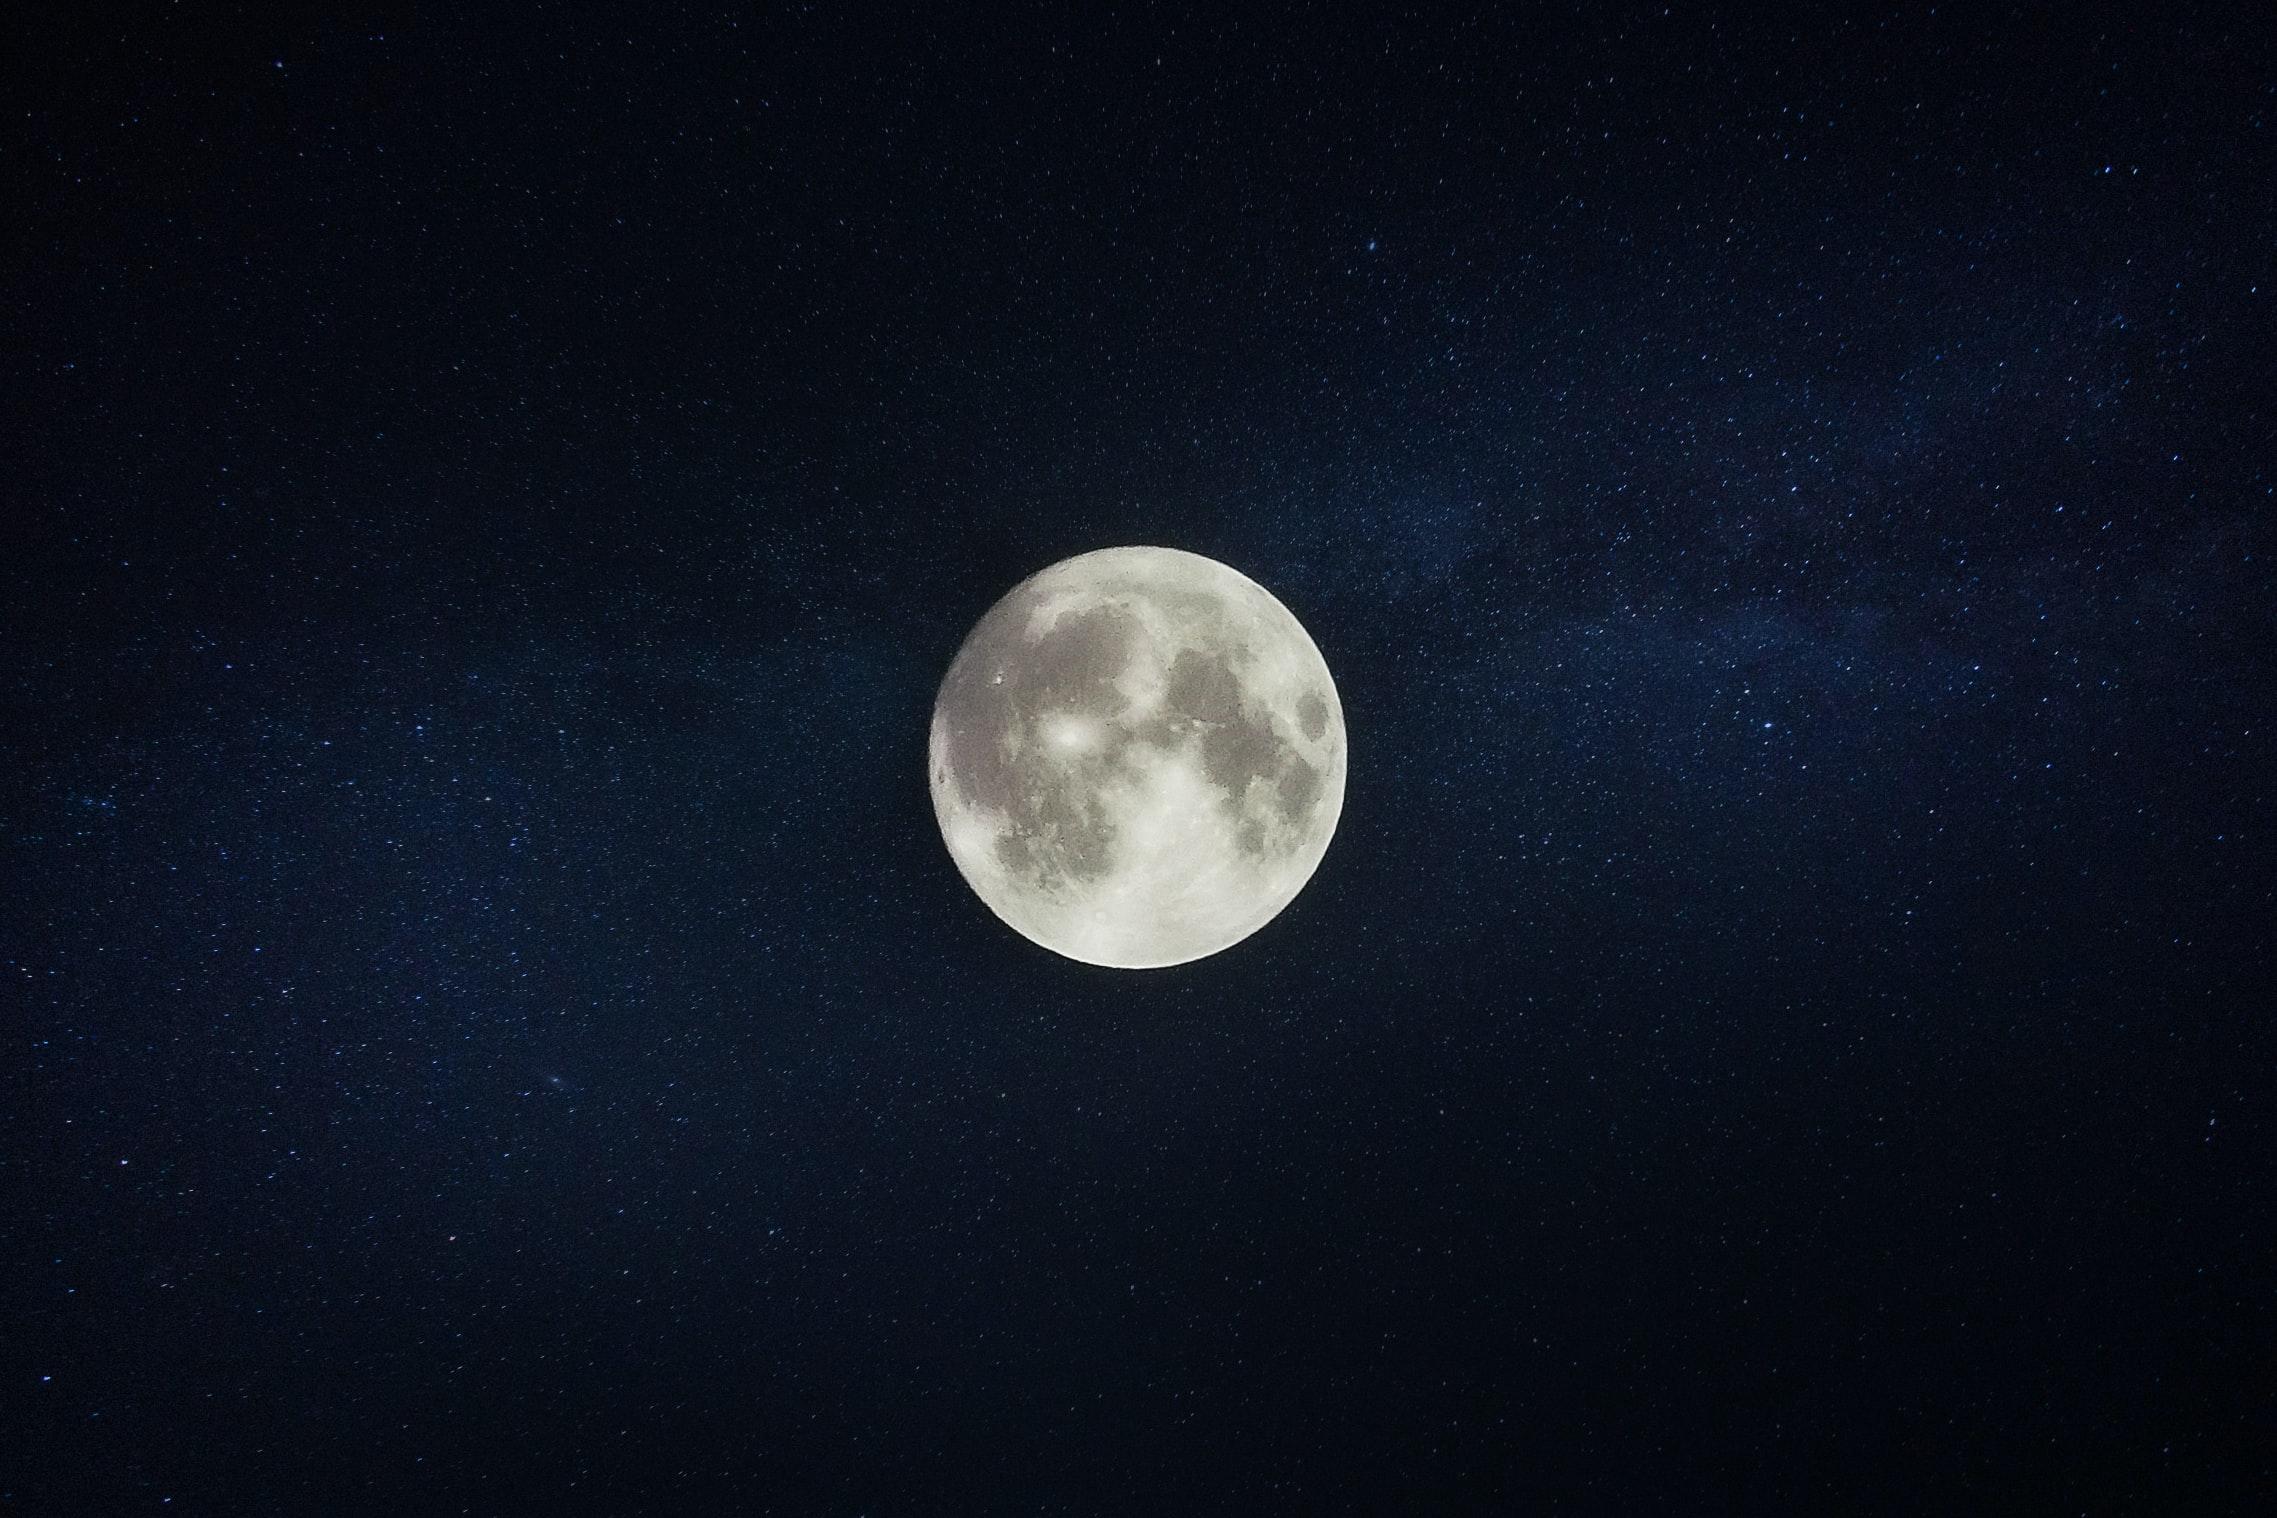 Airbus y ESA firman contrato por 650 mde para misión de la NASA a la Luna